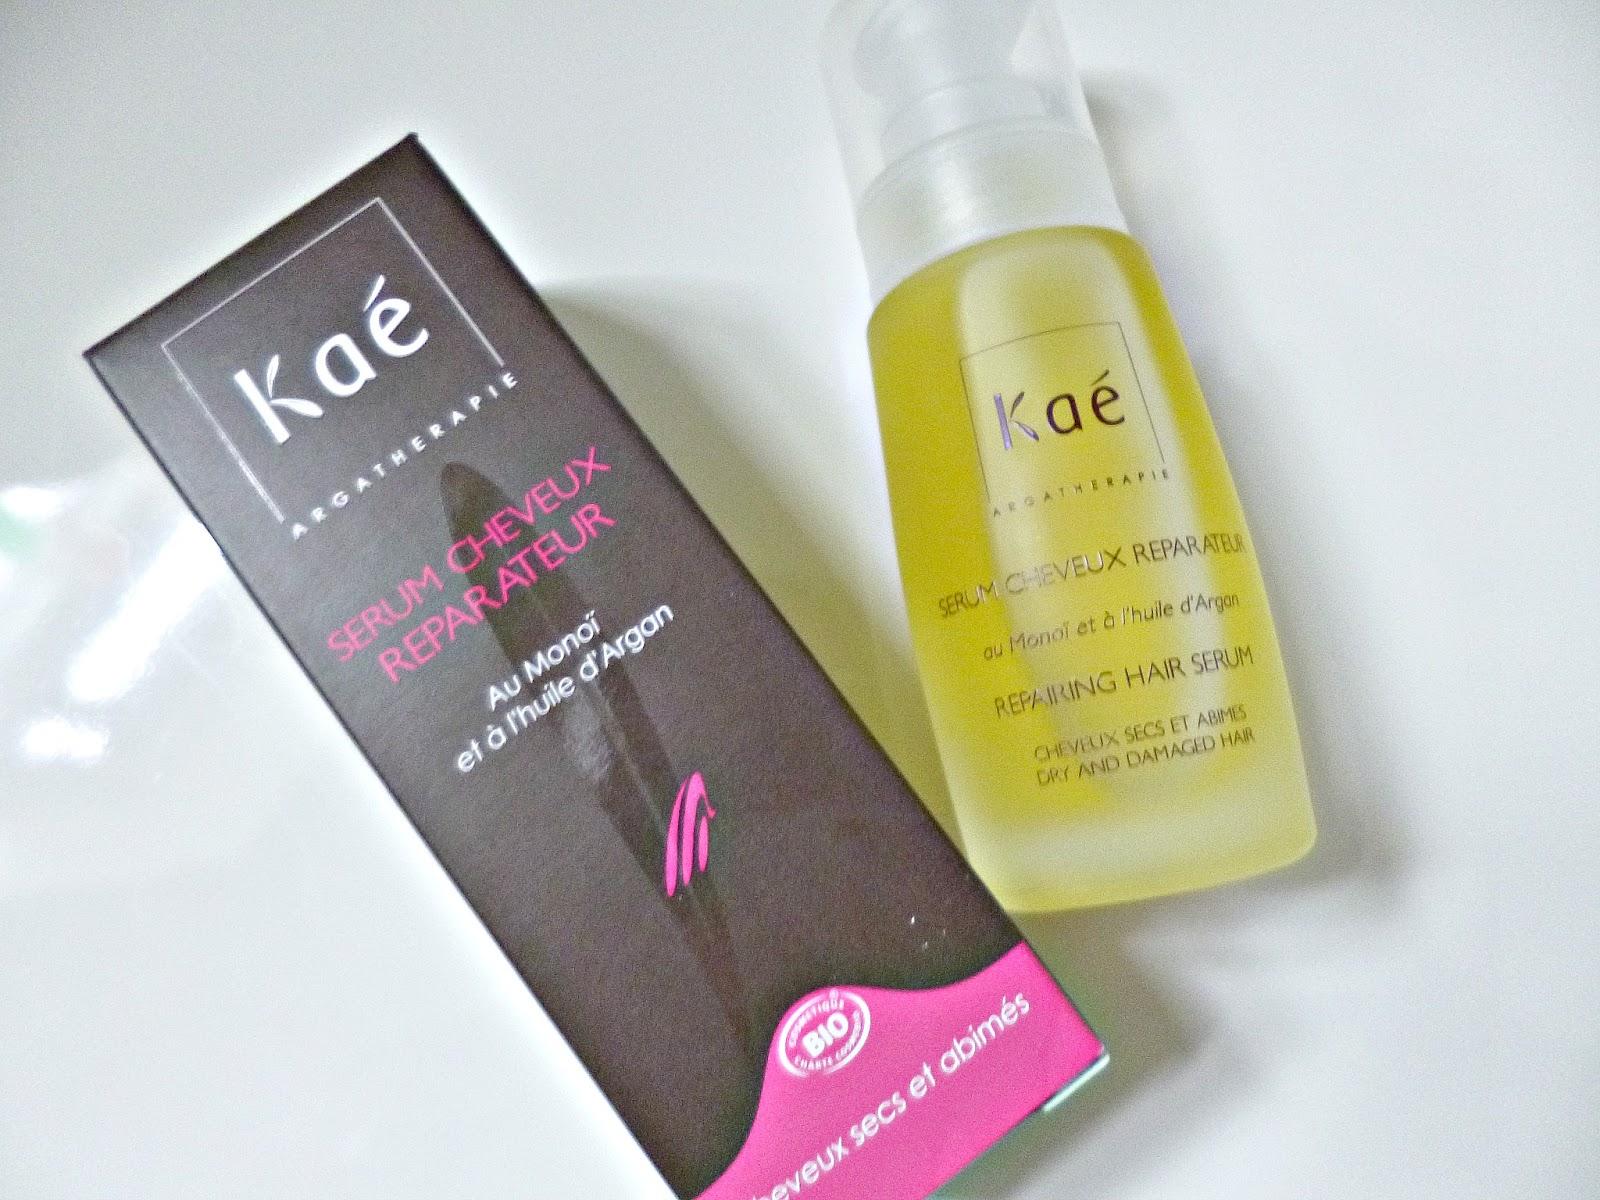 Product love – Kae repairing hair serum